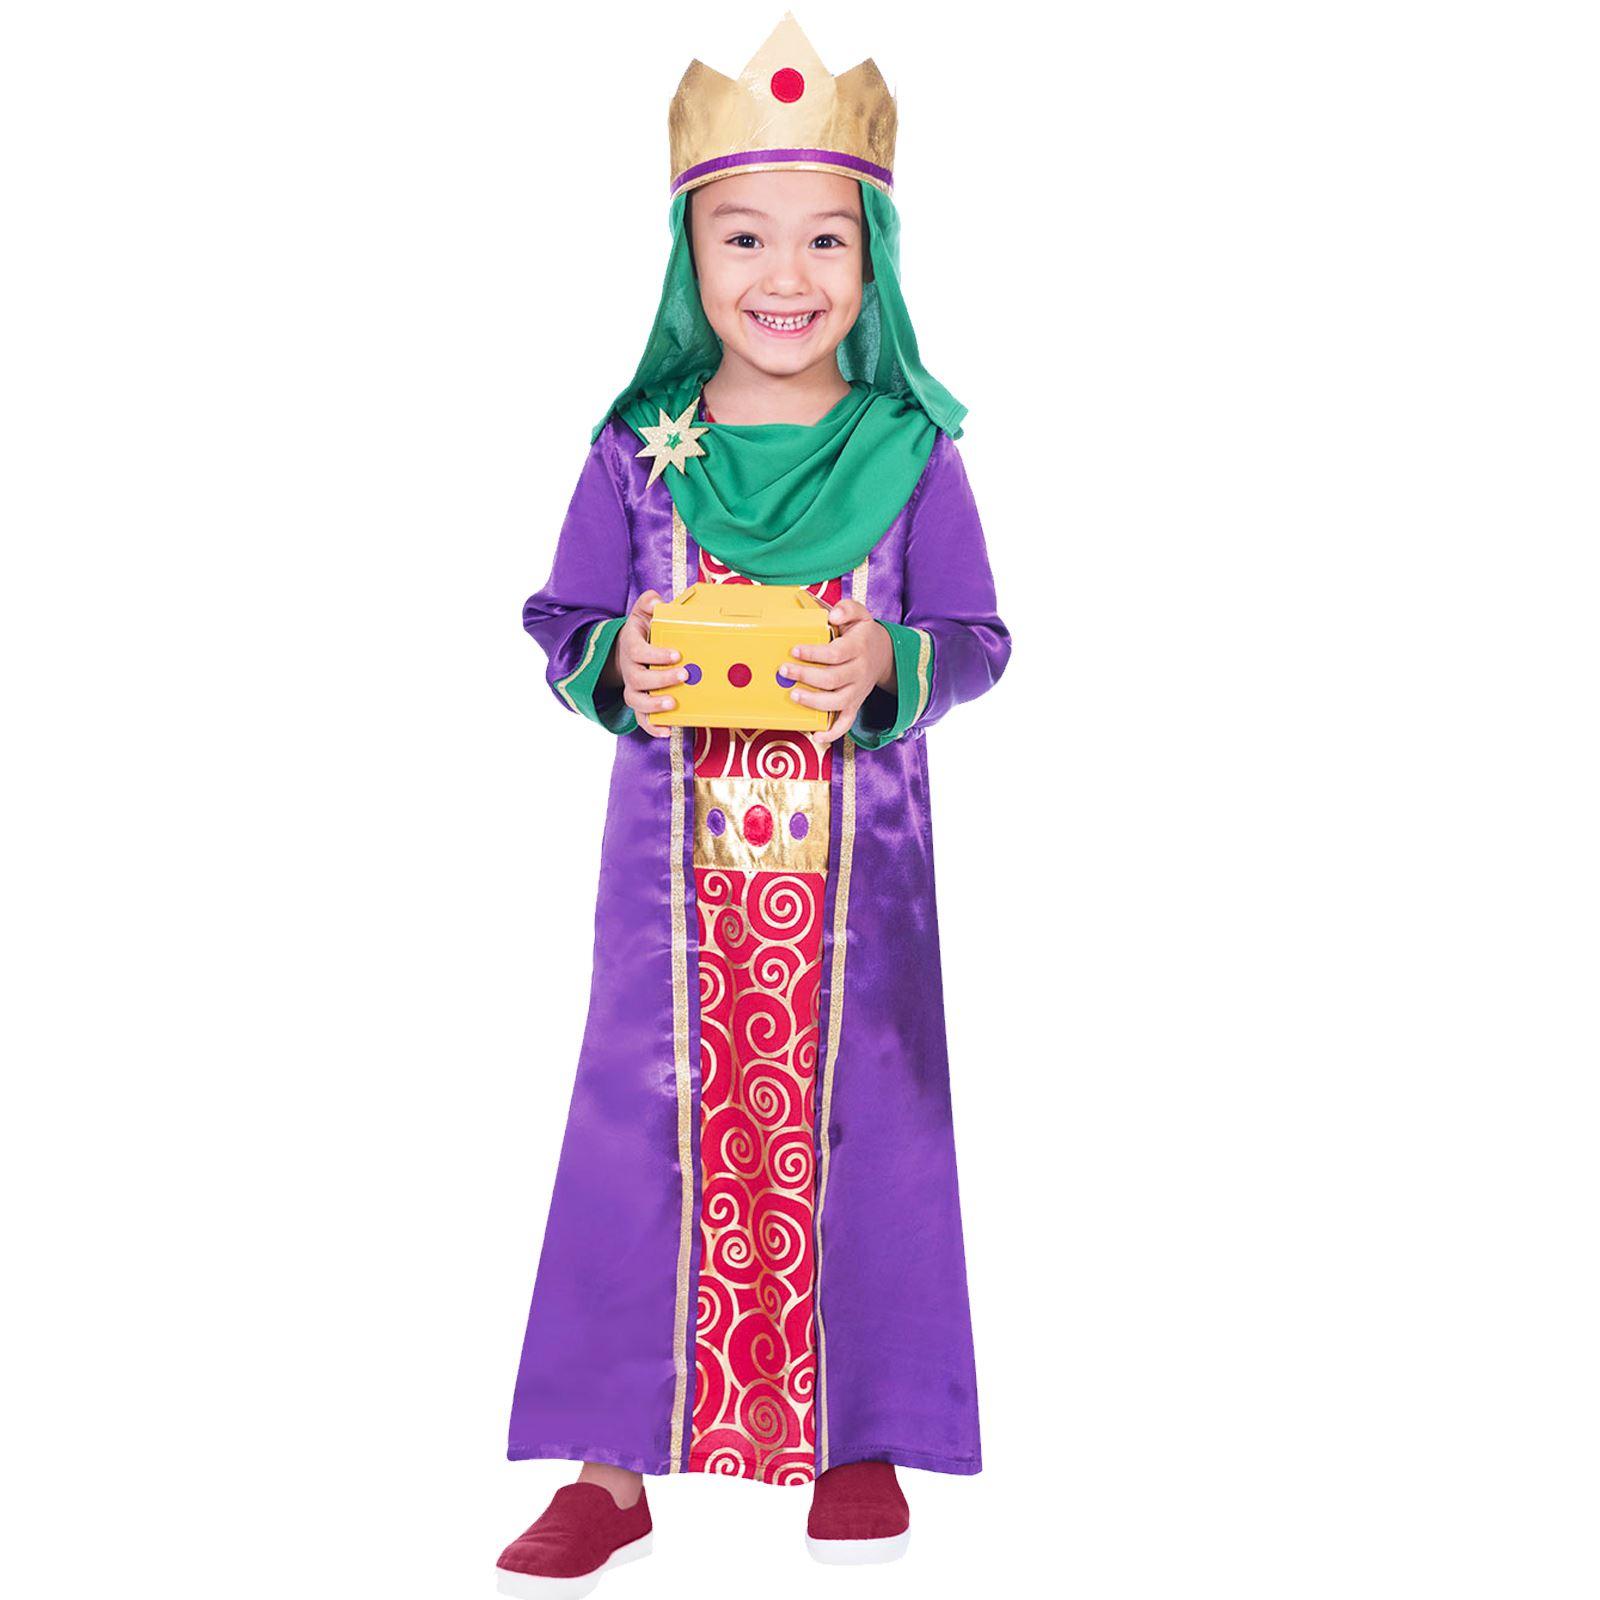 Bambini Natività Re MAGI RE MAGI Costume Natale Recita Scolastica